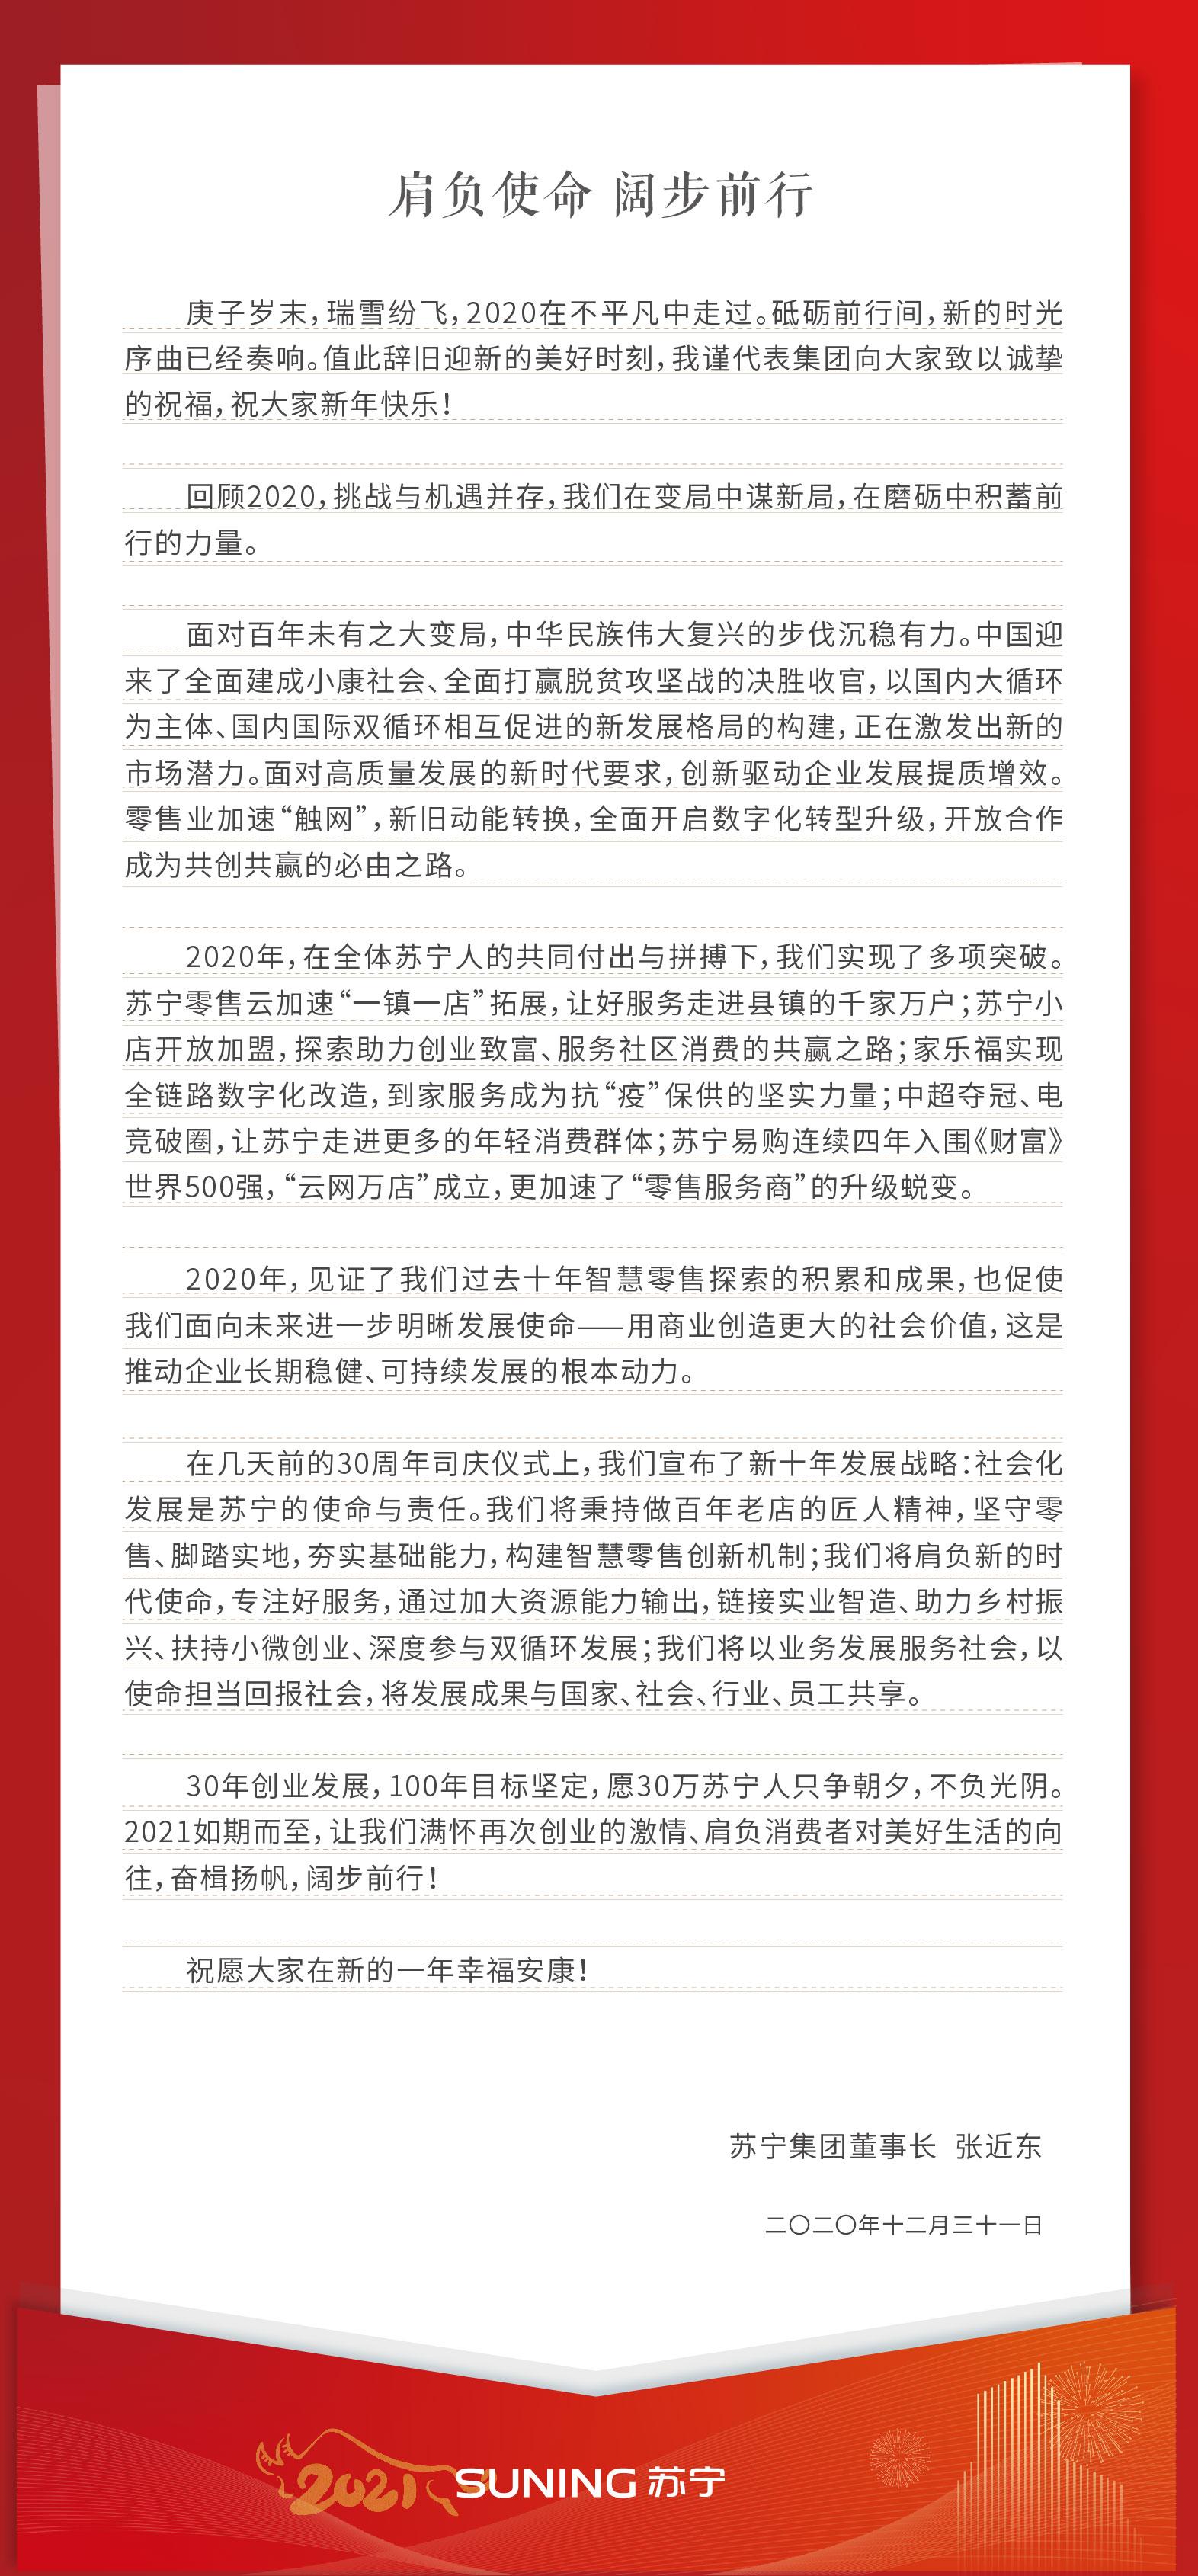 苏宁集团董事长张近东:社会化发展是苏宁的使命与责任